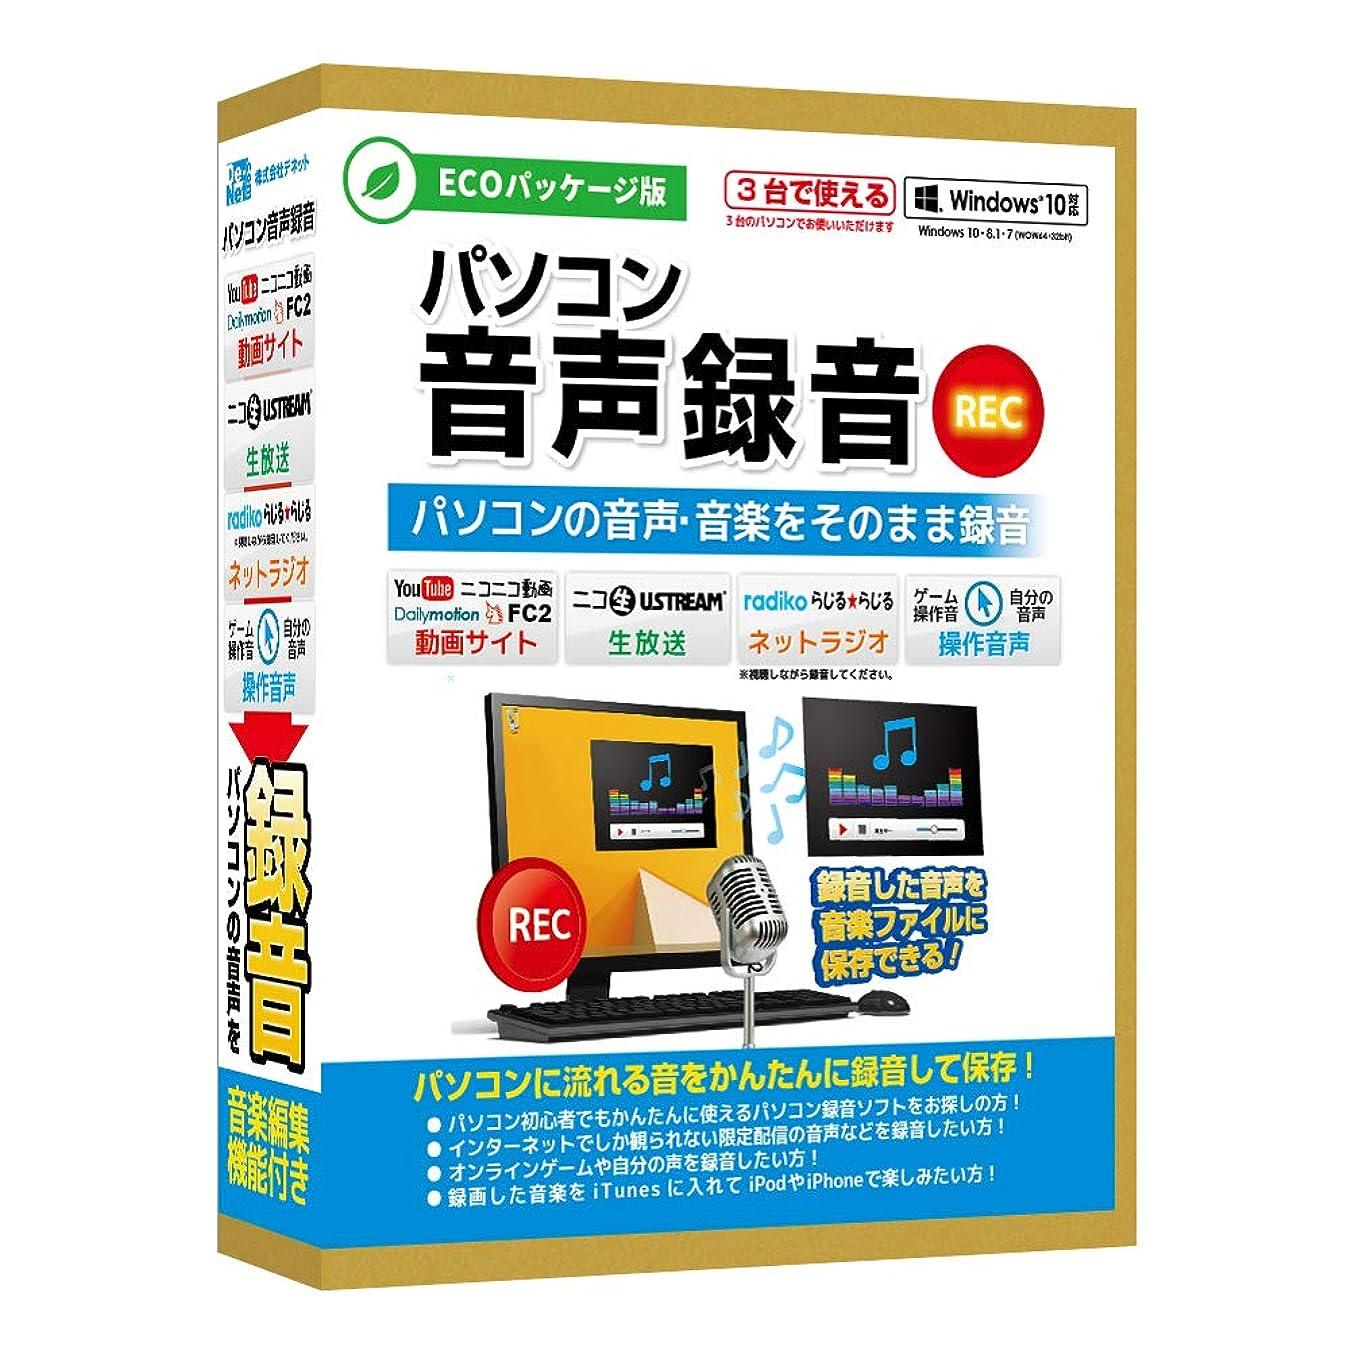 キャッシュテザーパイントパソコン音声録音【ECOパッケージ版】